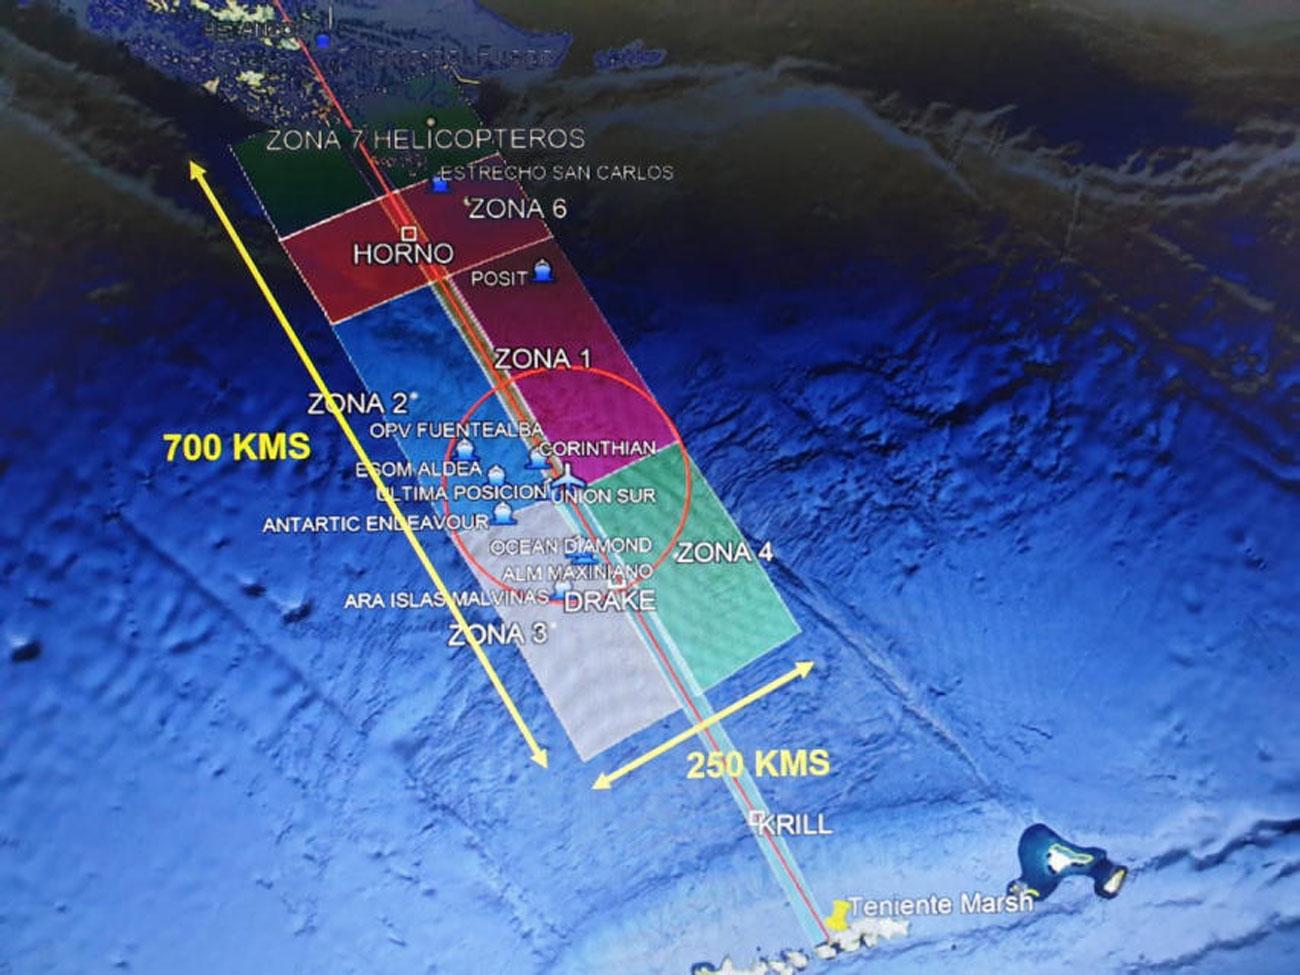 צילום לוויין אזור החיפושים אחר המטוס של צבא צ'ילה ש התרסק התרסקות בדרך ל אנטרקטיקה אנטארקטיקה (צילום: EPA)